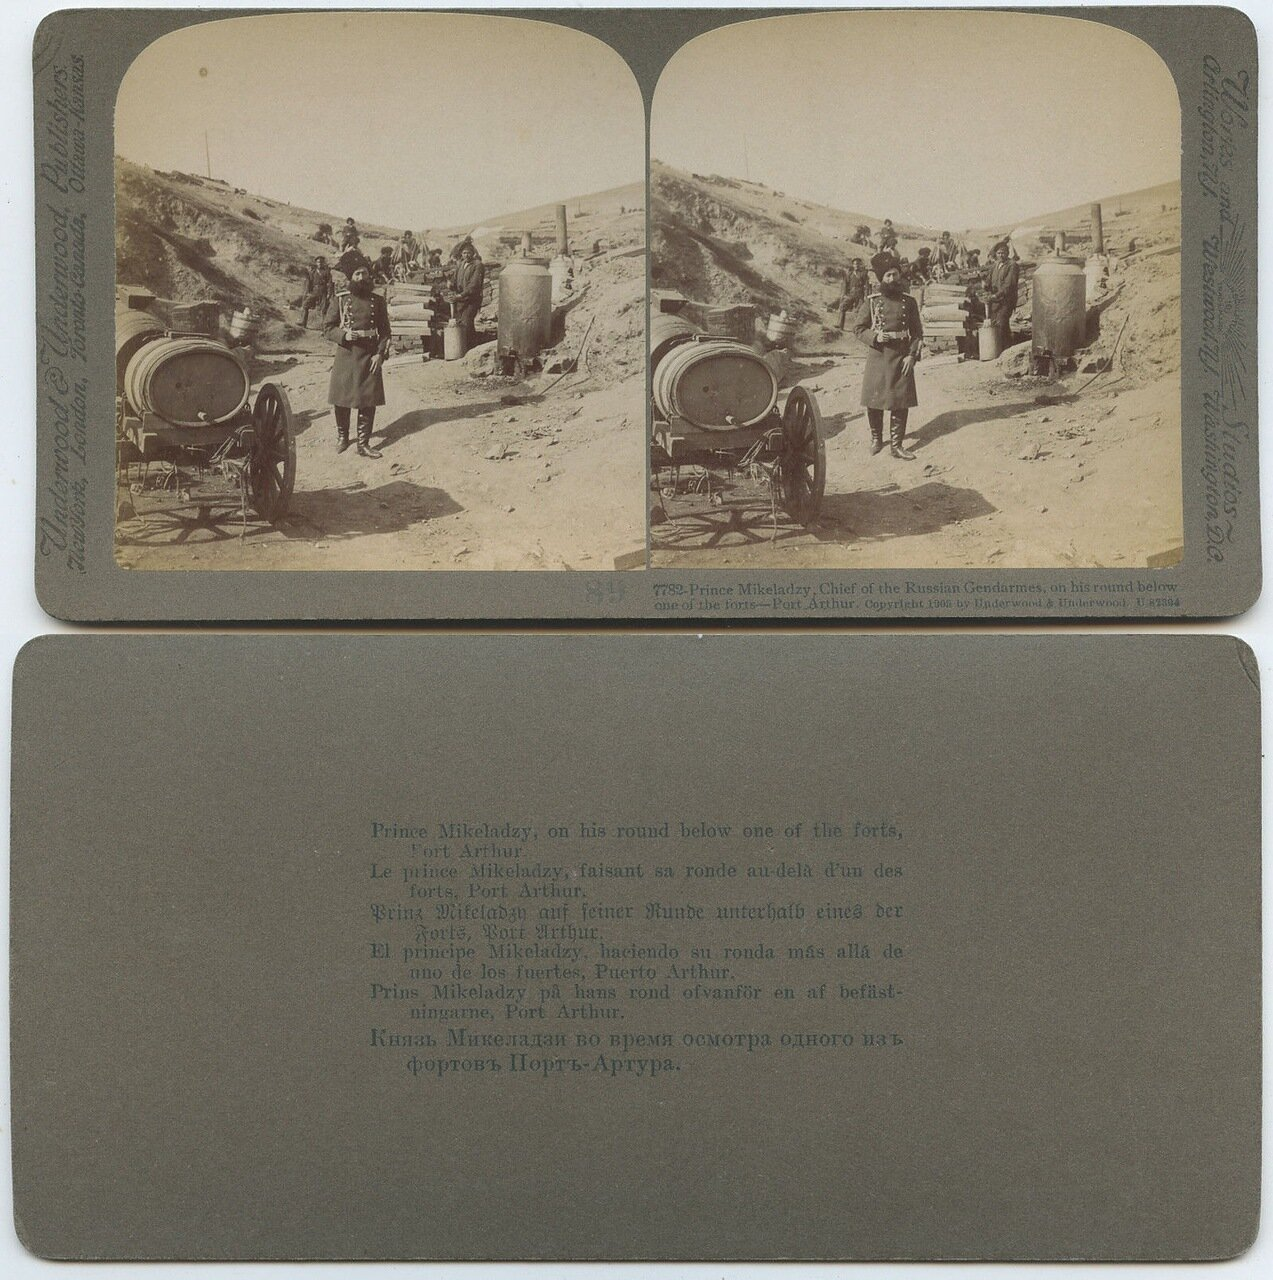 Русско-Японская война. Князь Микеладзи во время осмотра одного из фортов Порт-Артура